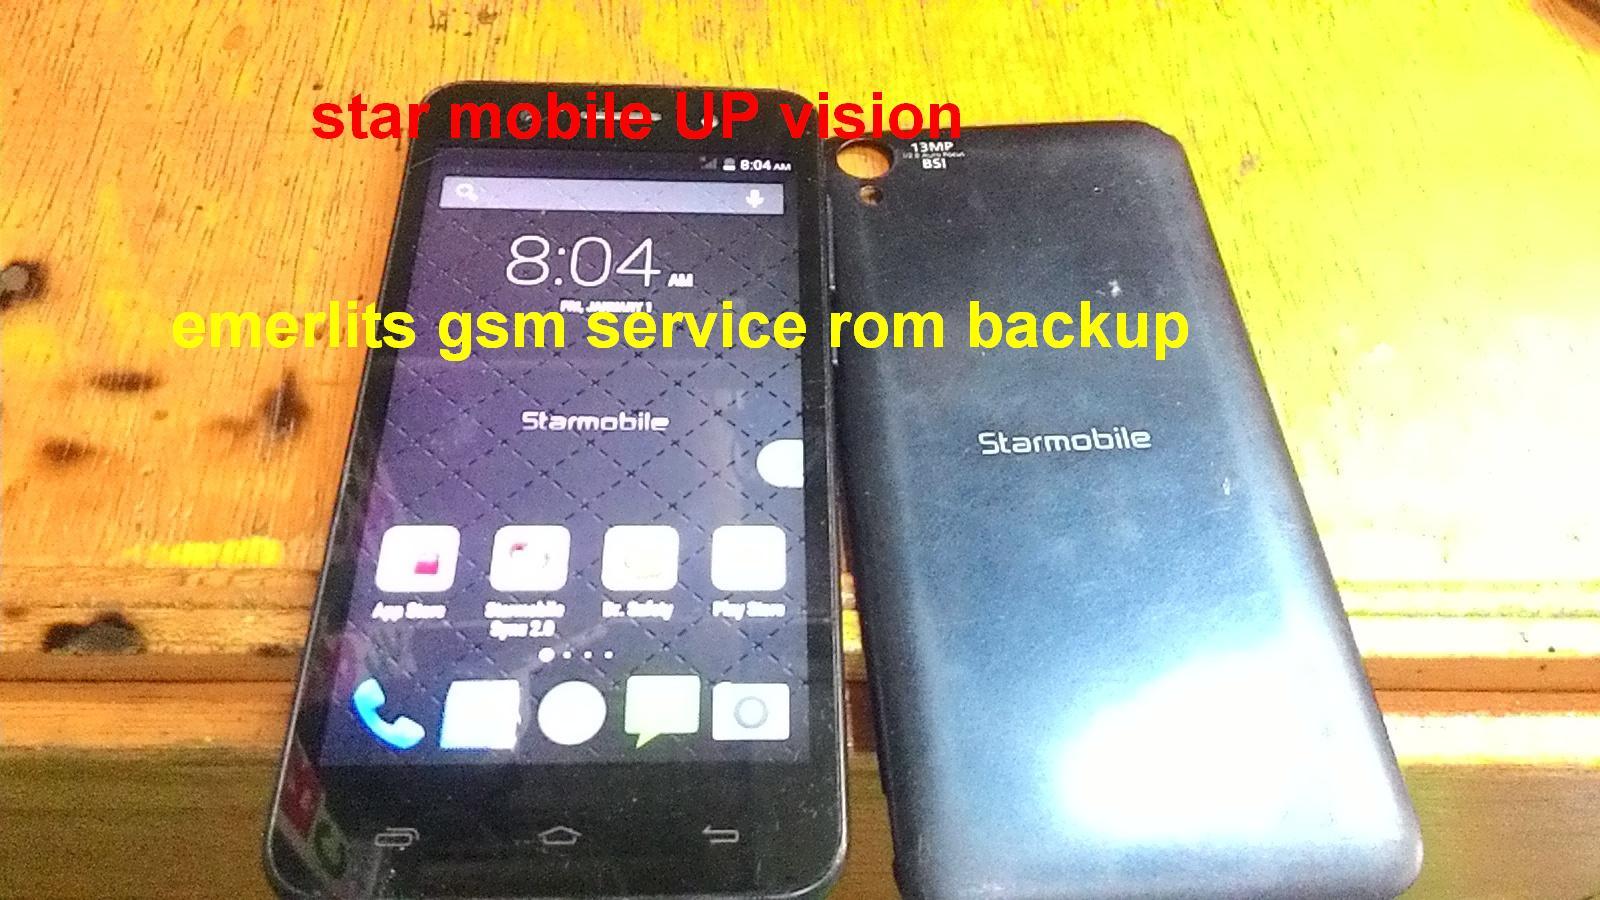 Star Mobile UP VISION V05 - Emerlits Gsm Service